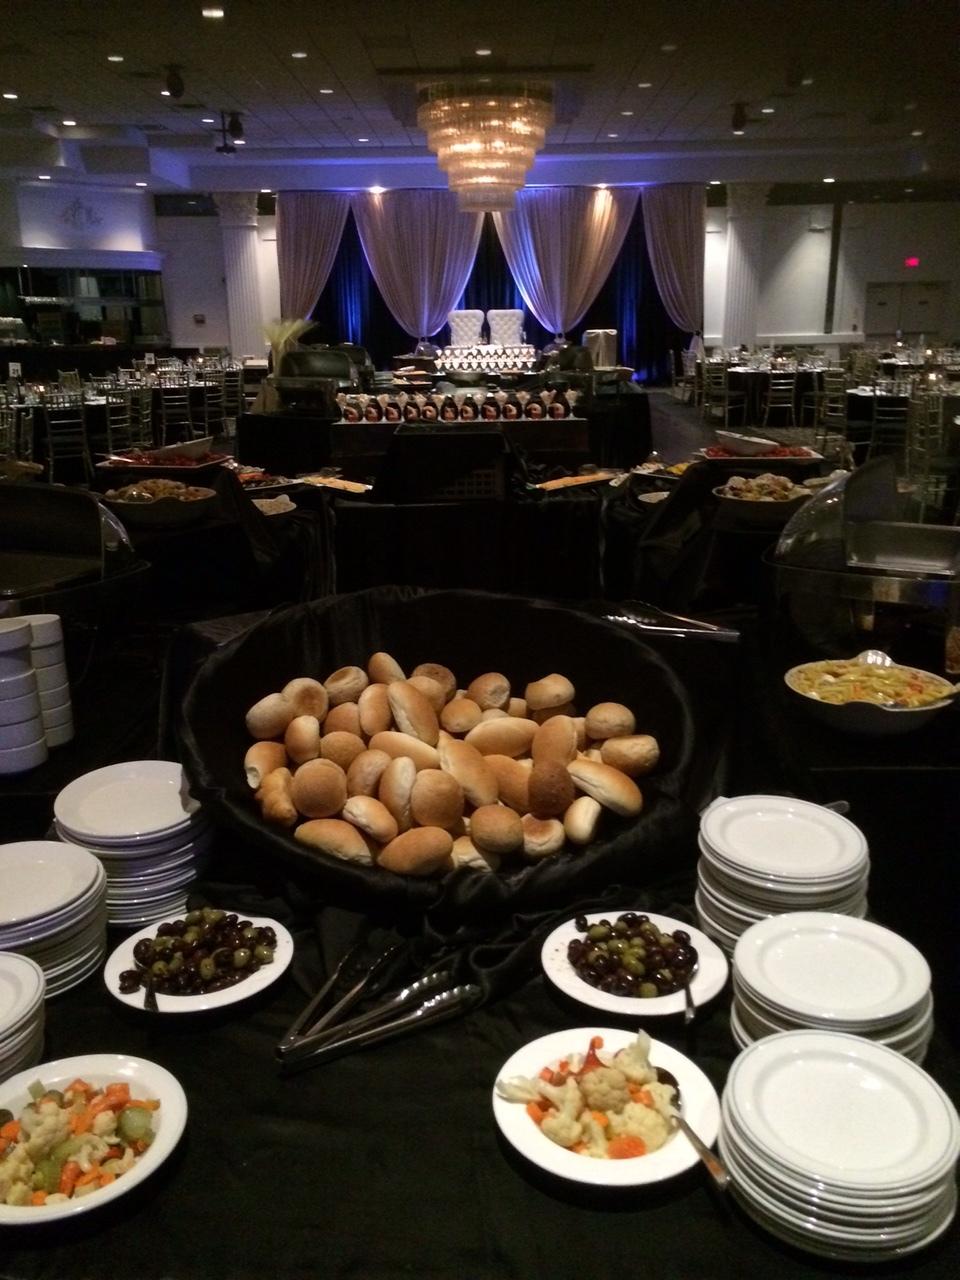 Dance floor Supreme Luxury Banquet Hall Wedding Dj Del Vinyl.JPG